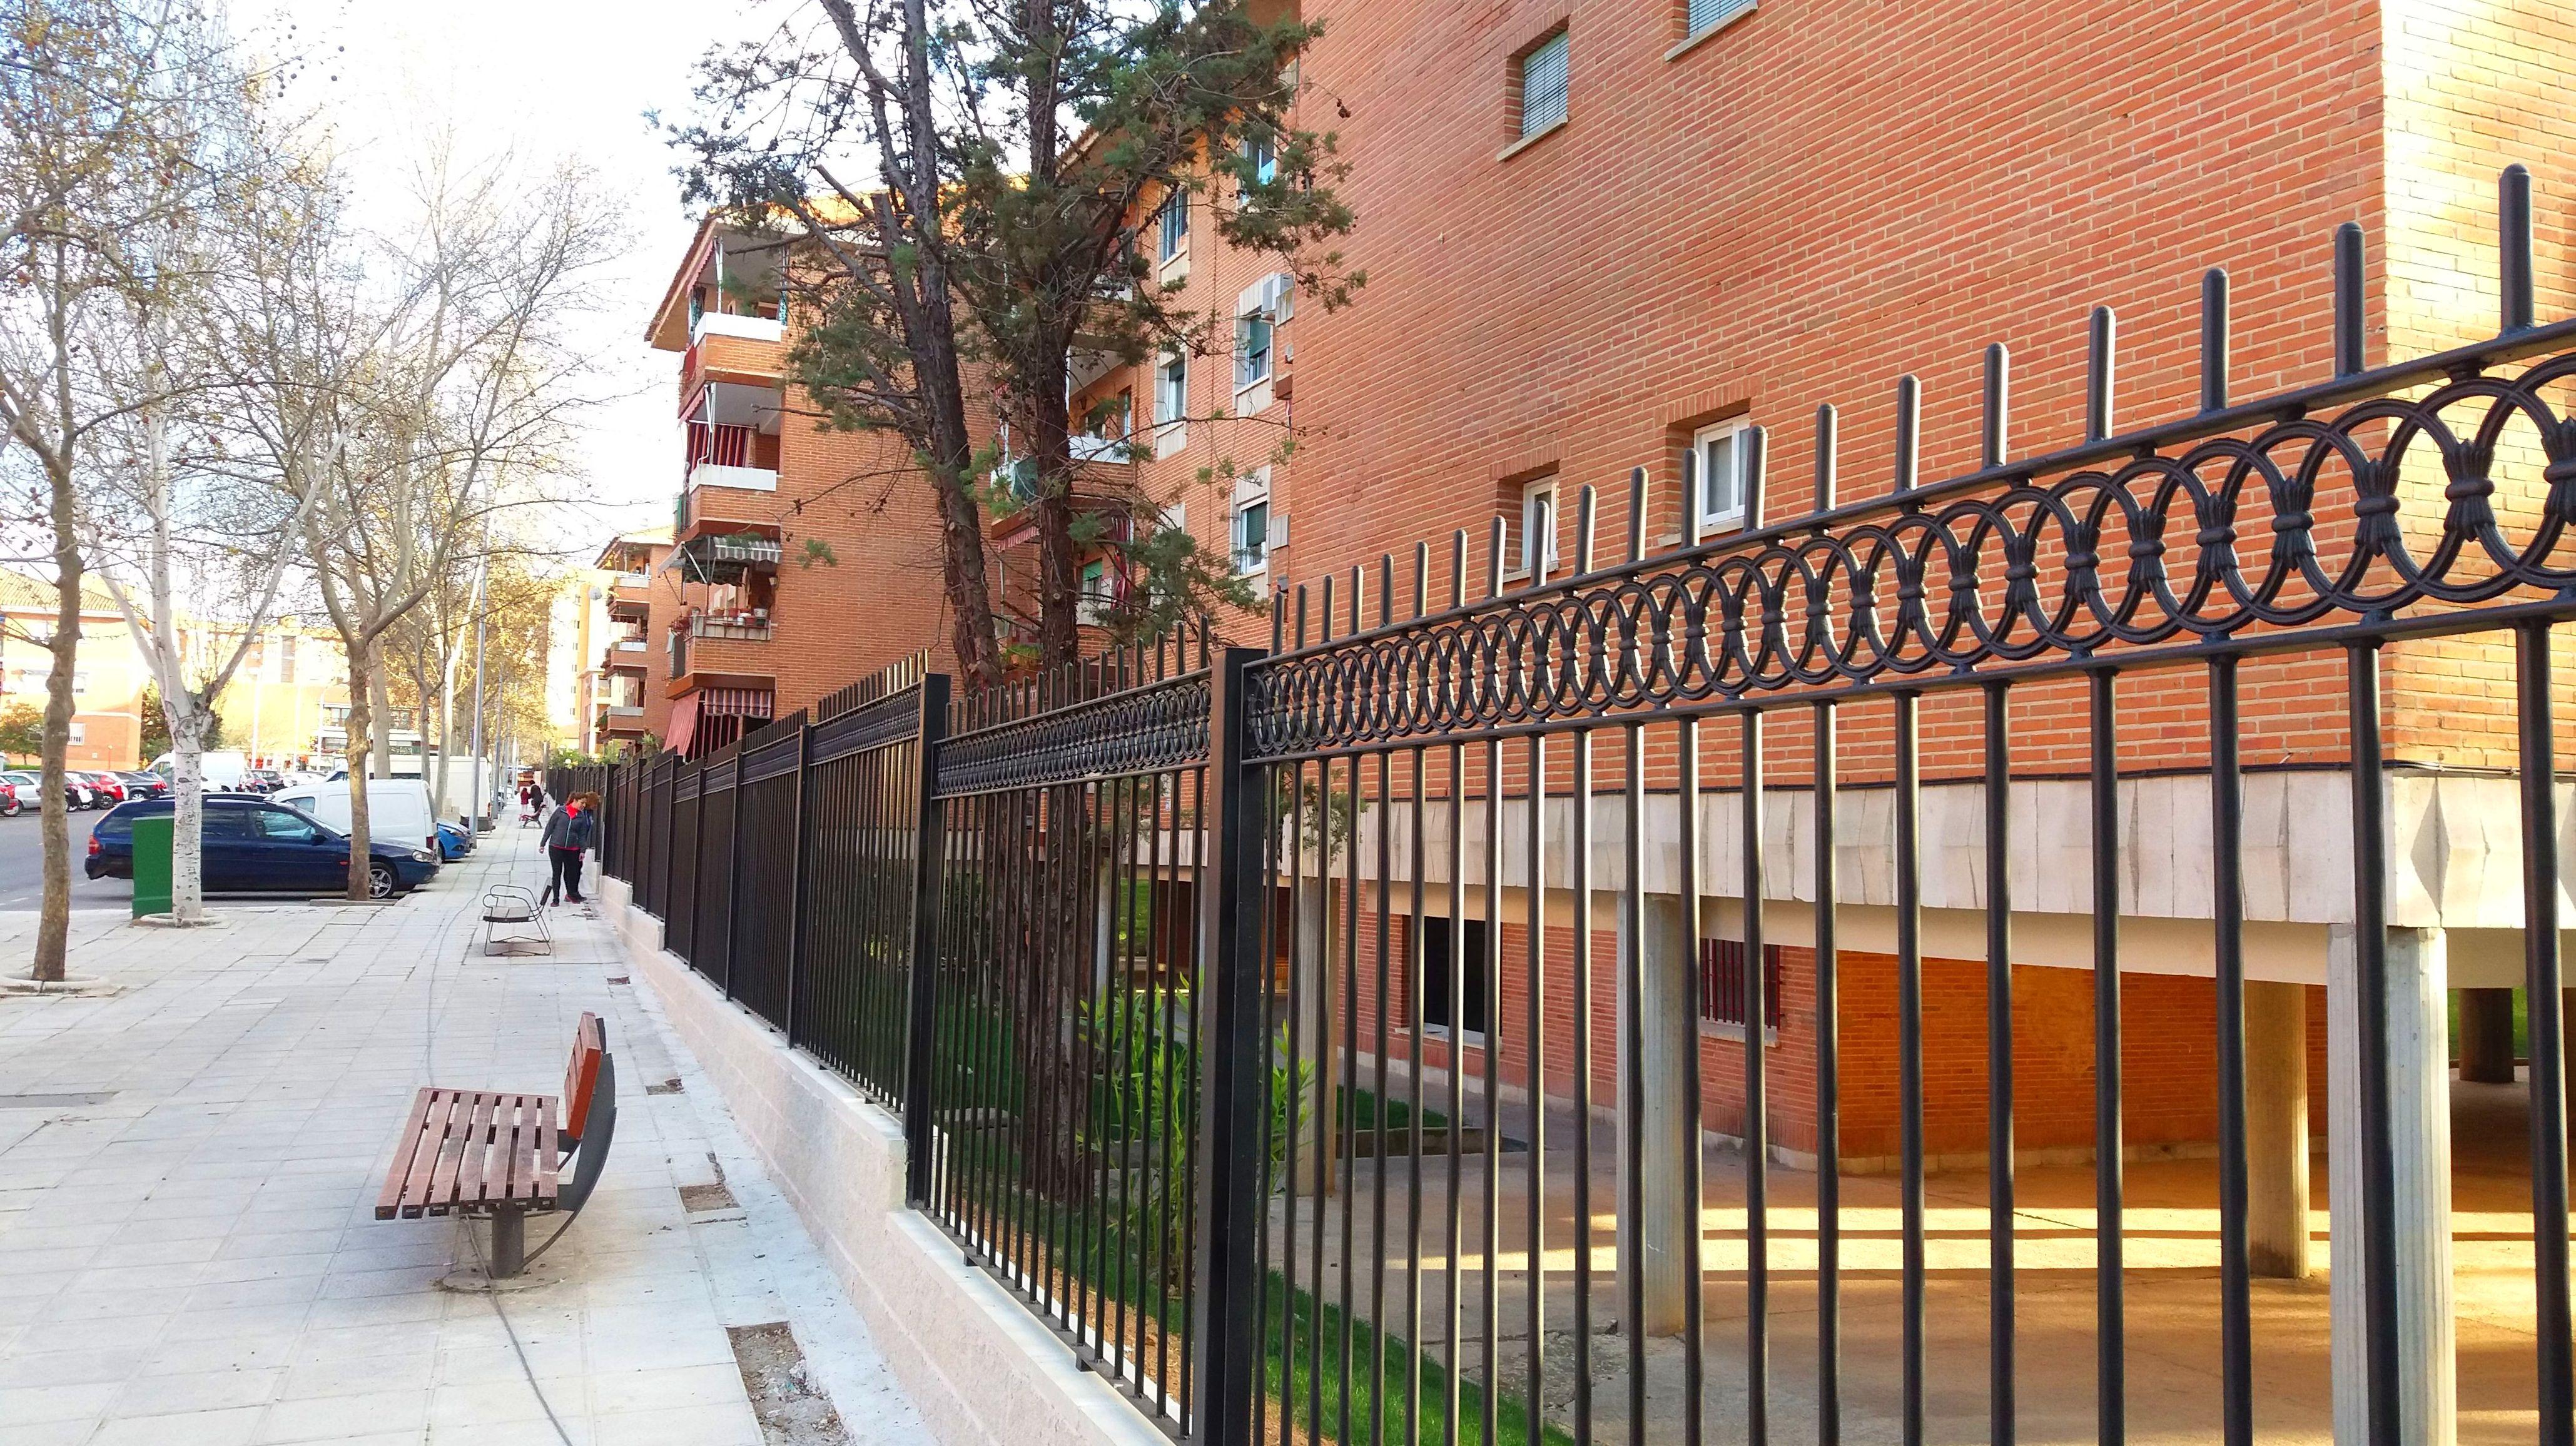 Foto 110 de Especialistas en reformas integrales, mantenimiento de jardines e impermeabilizaciones en Toledo | Reformas DS